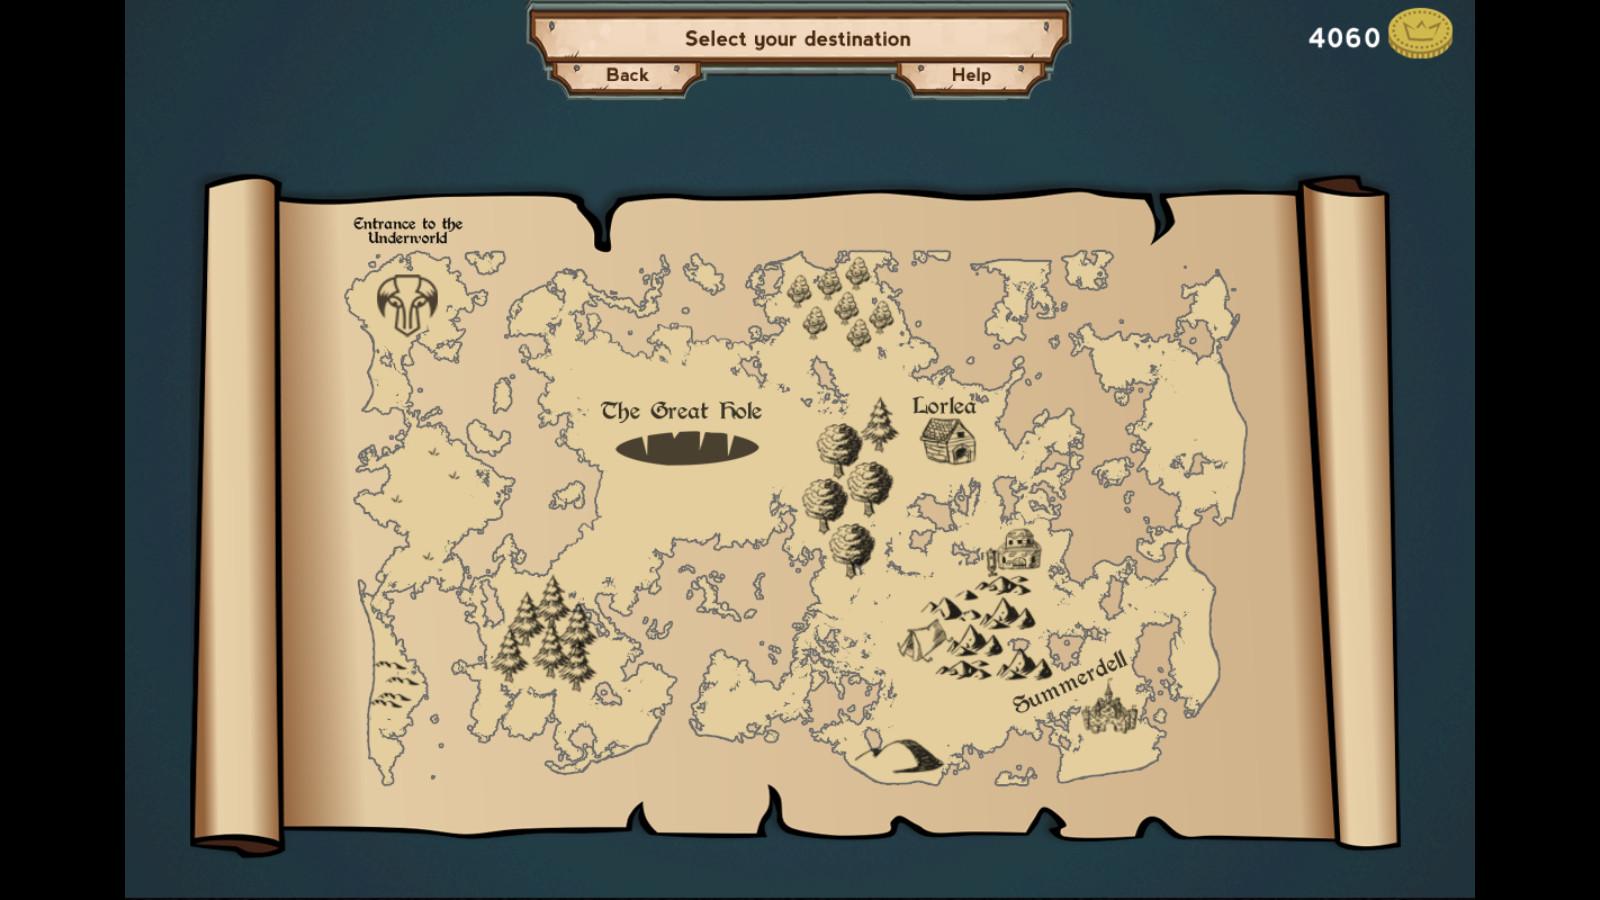 恩洛儿之战 游戏截图